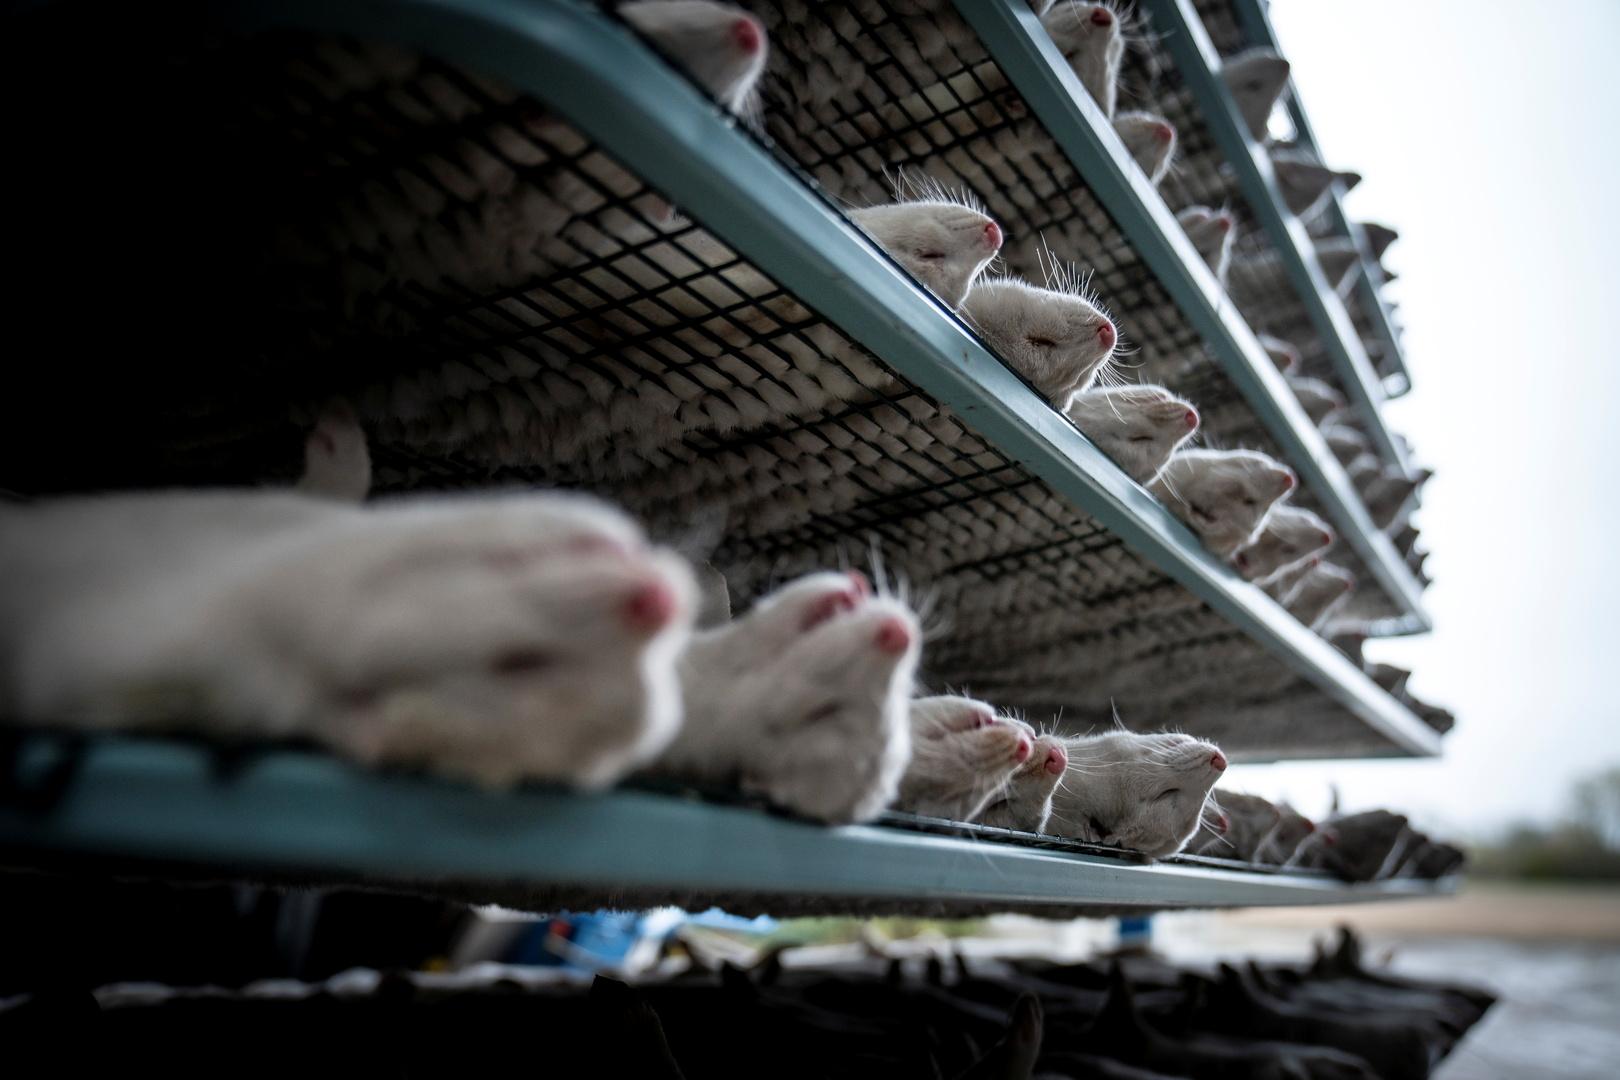 الدنمارك عن قرار إعدام ملايين حيوانات المنك بسبب كورونا: ارتكبنا خطأ